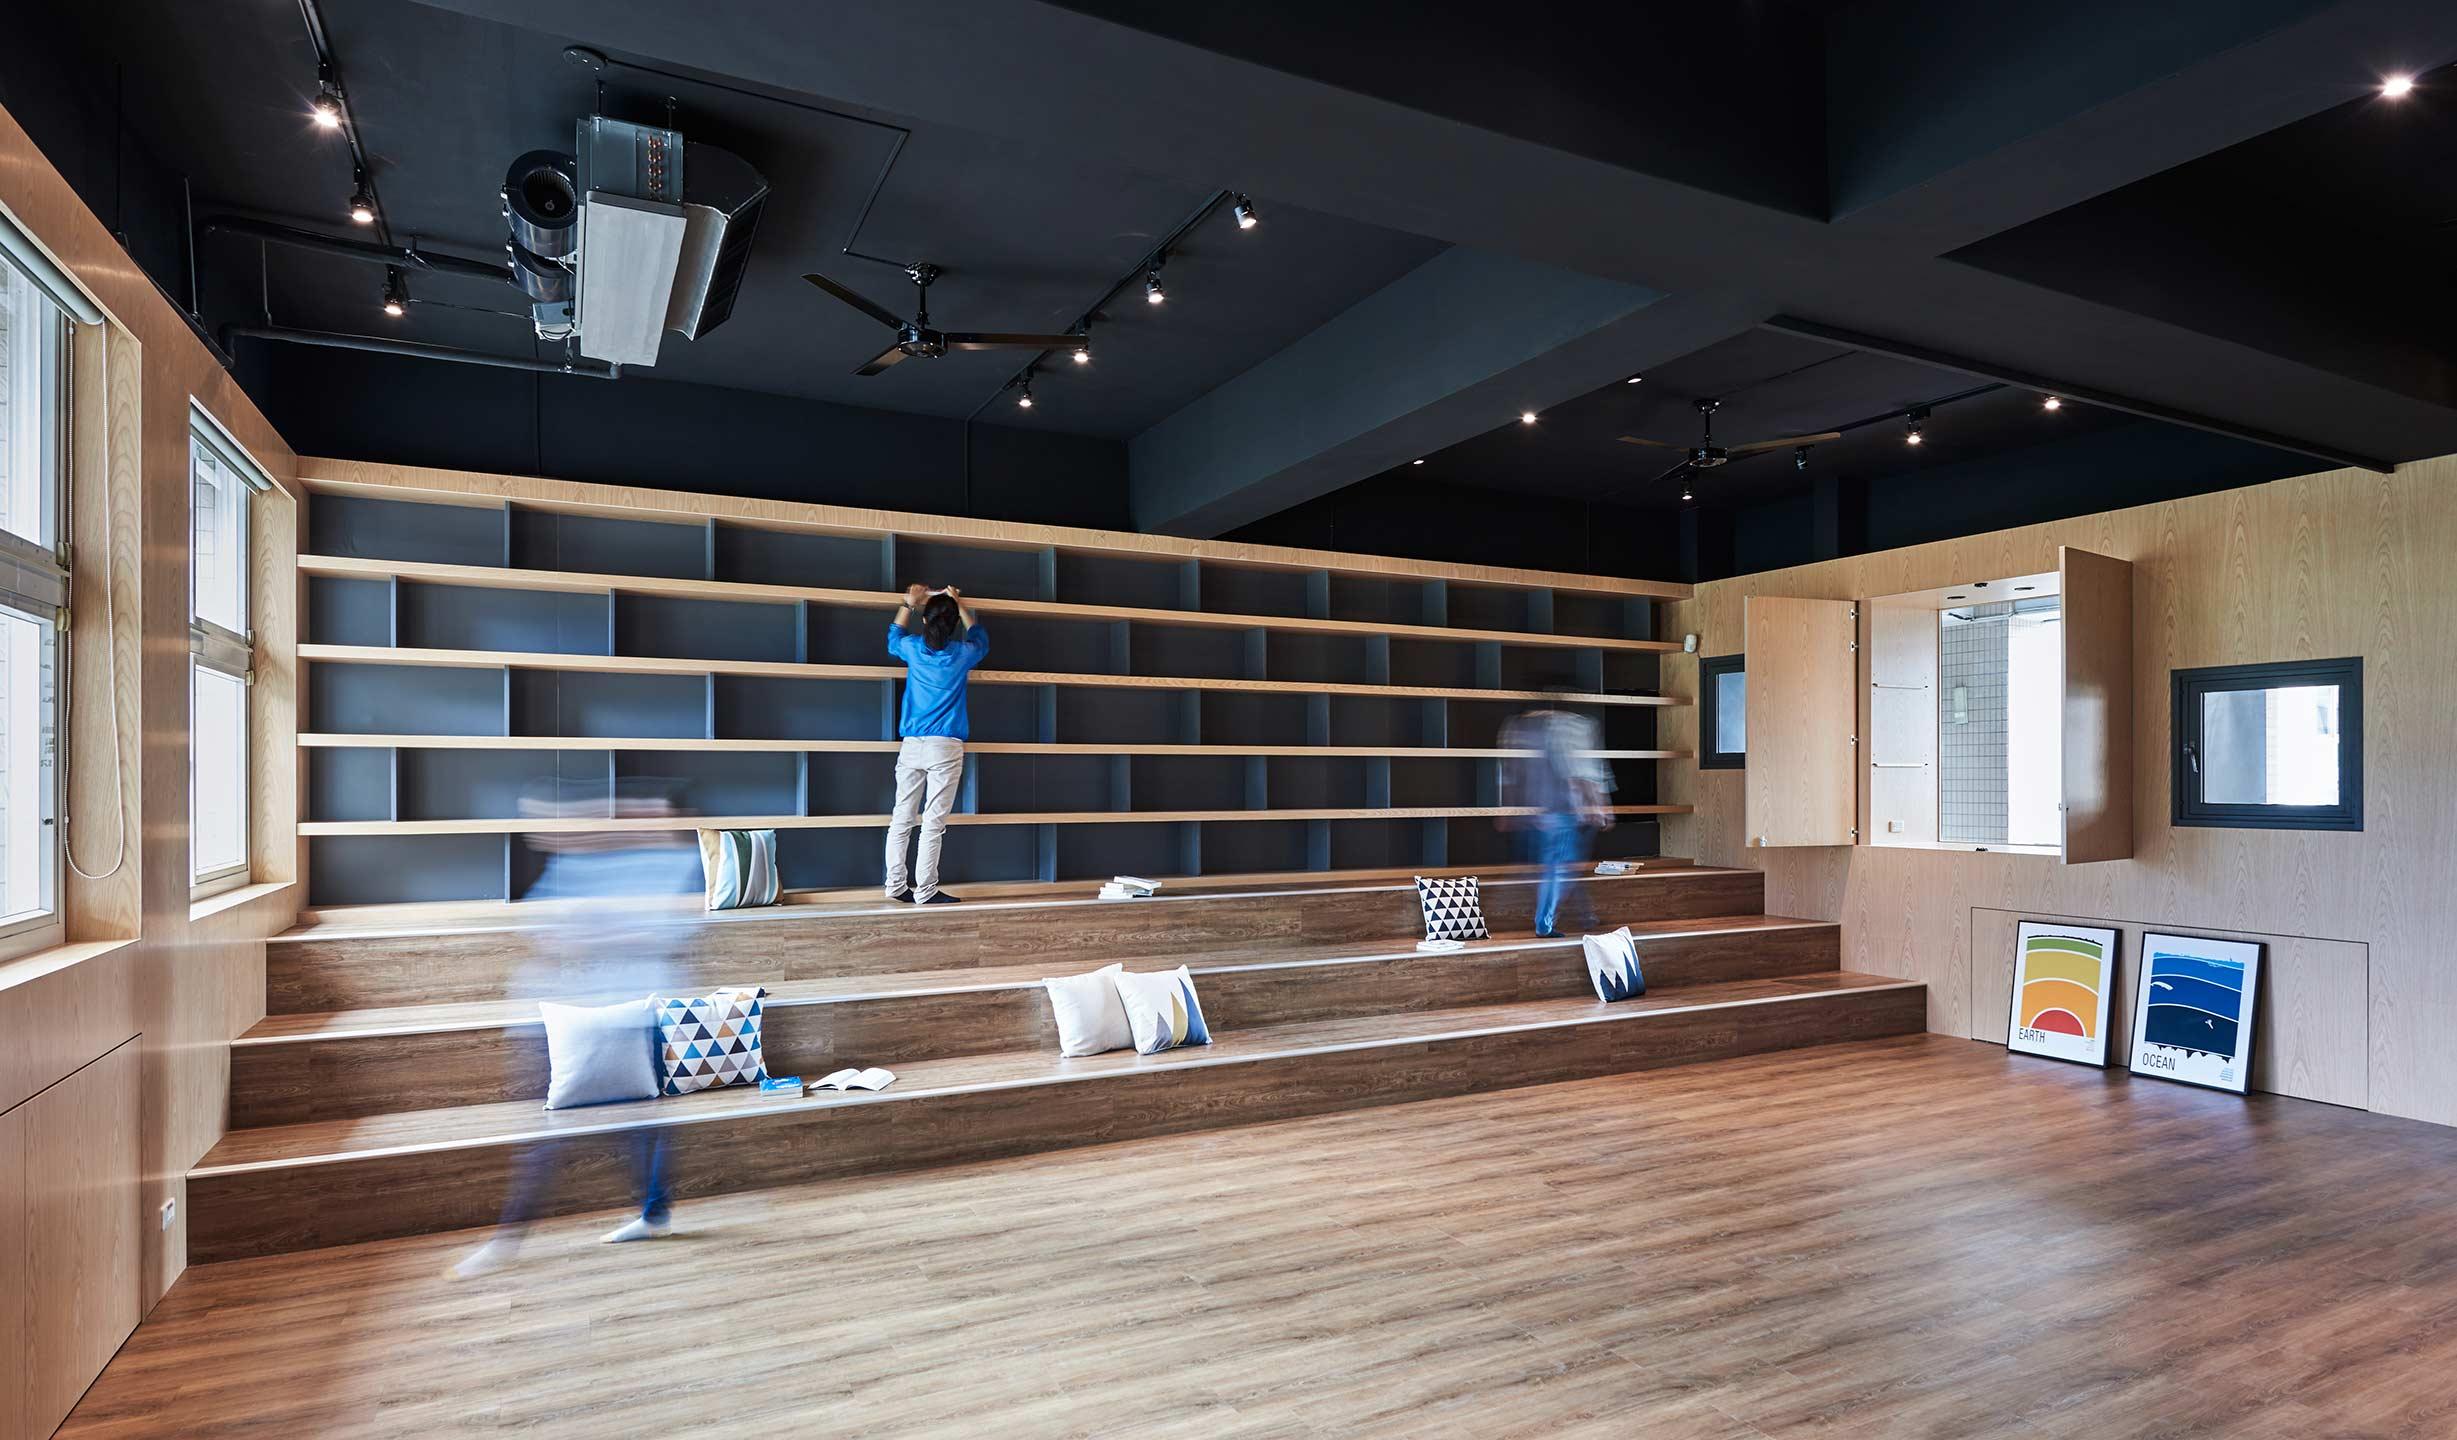 2017 金点设计奖/空间设计 2016 台湾室内设计大奖tid/公共空间类